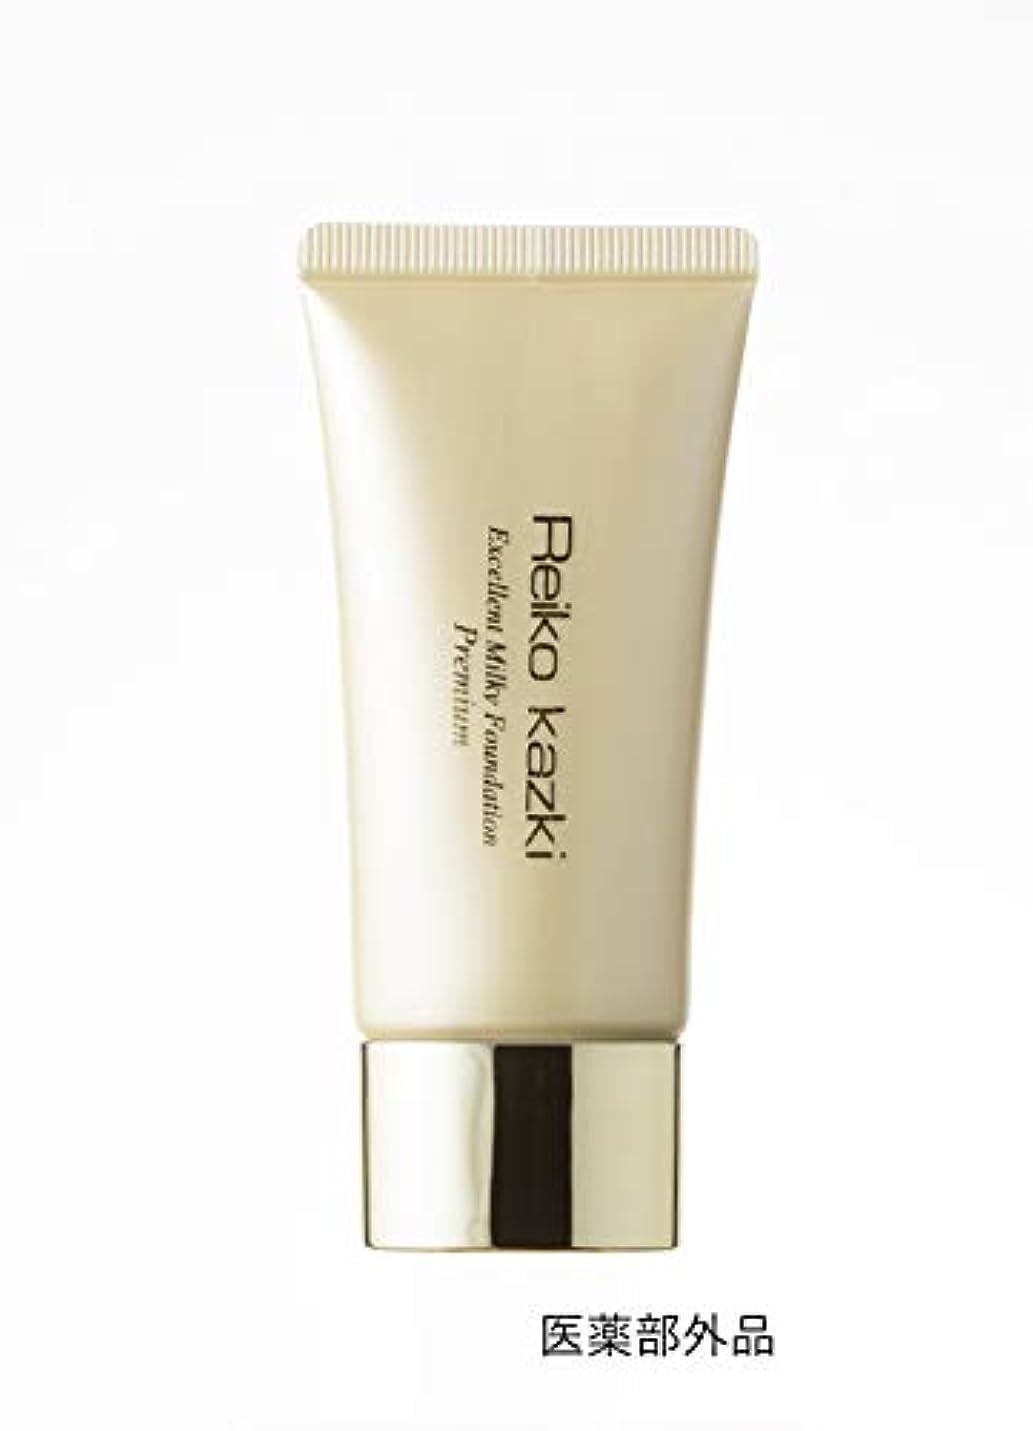 介入する間接的広々【医薬部外品】 かづきれいこ 薬用エクセレントミルキーファンデーション プレミアム (化粧下地) SPF31/PA+++で紫外線をカット。美白有効成分を配合した化粧下地。